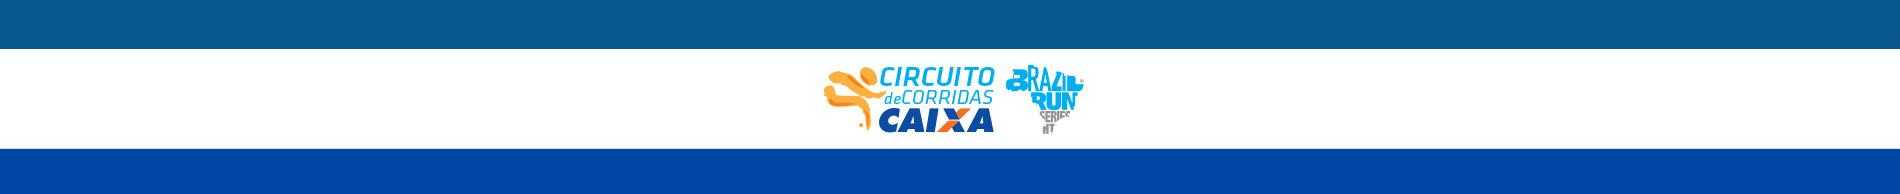 CIRCUITO DE CORRIDAS CAIXA 2016 - ETAPA BRASÍLIA - Imagem de topo